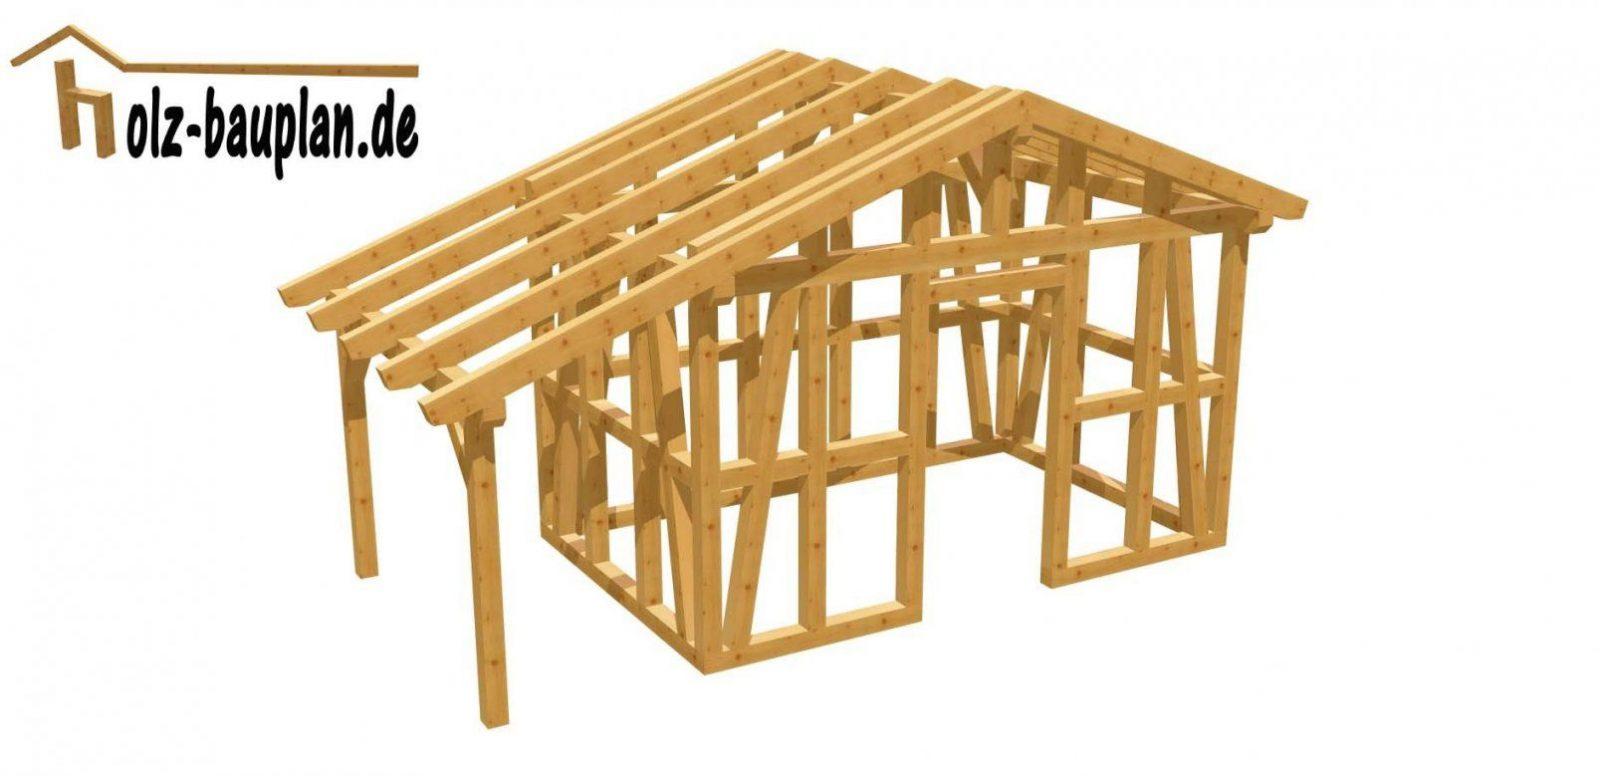 Gartenhaus Selber Bauen  Youtube von Holzhaus Selber Bauen Anleitung Bild